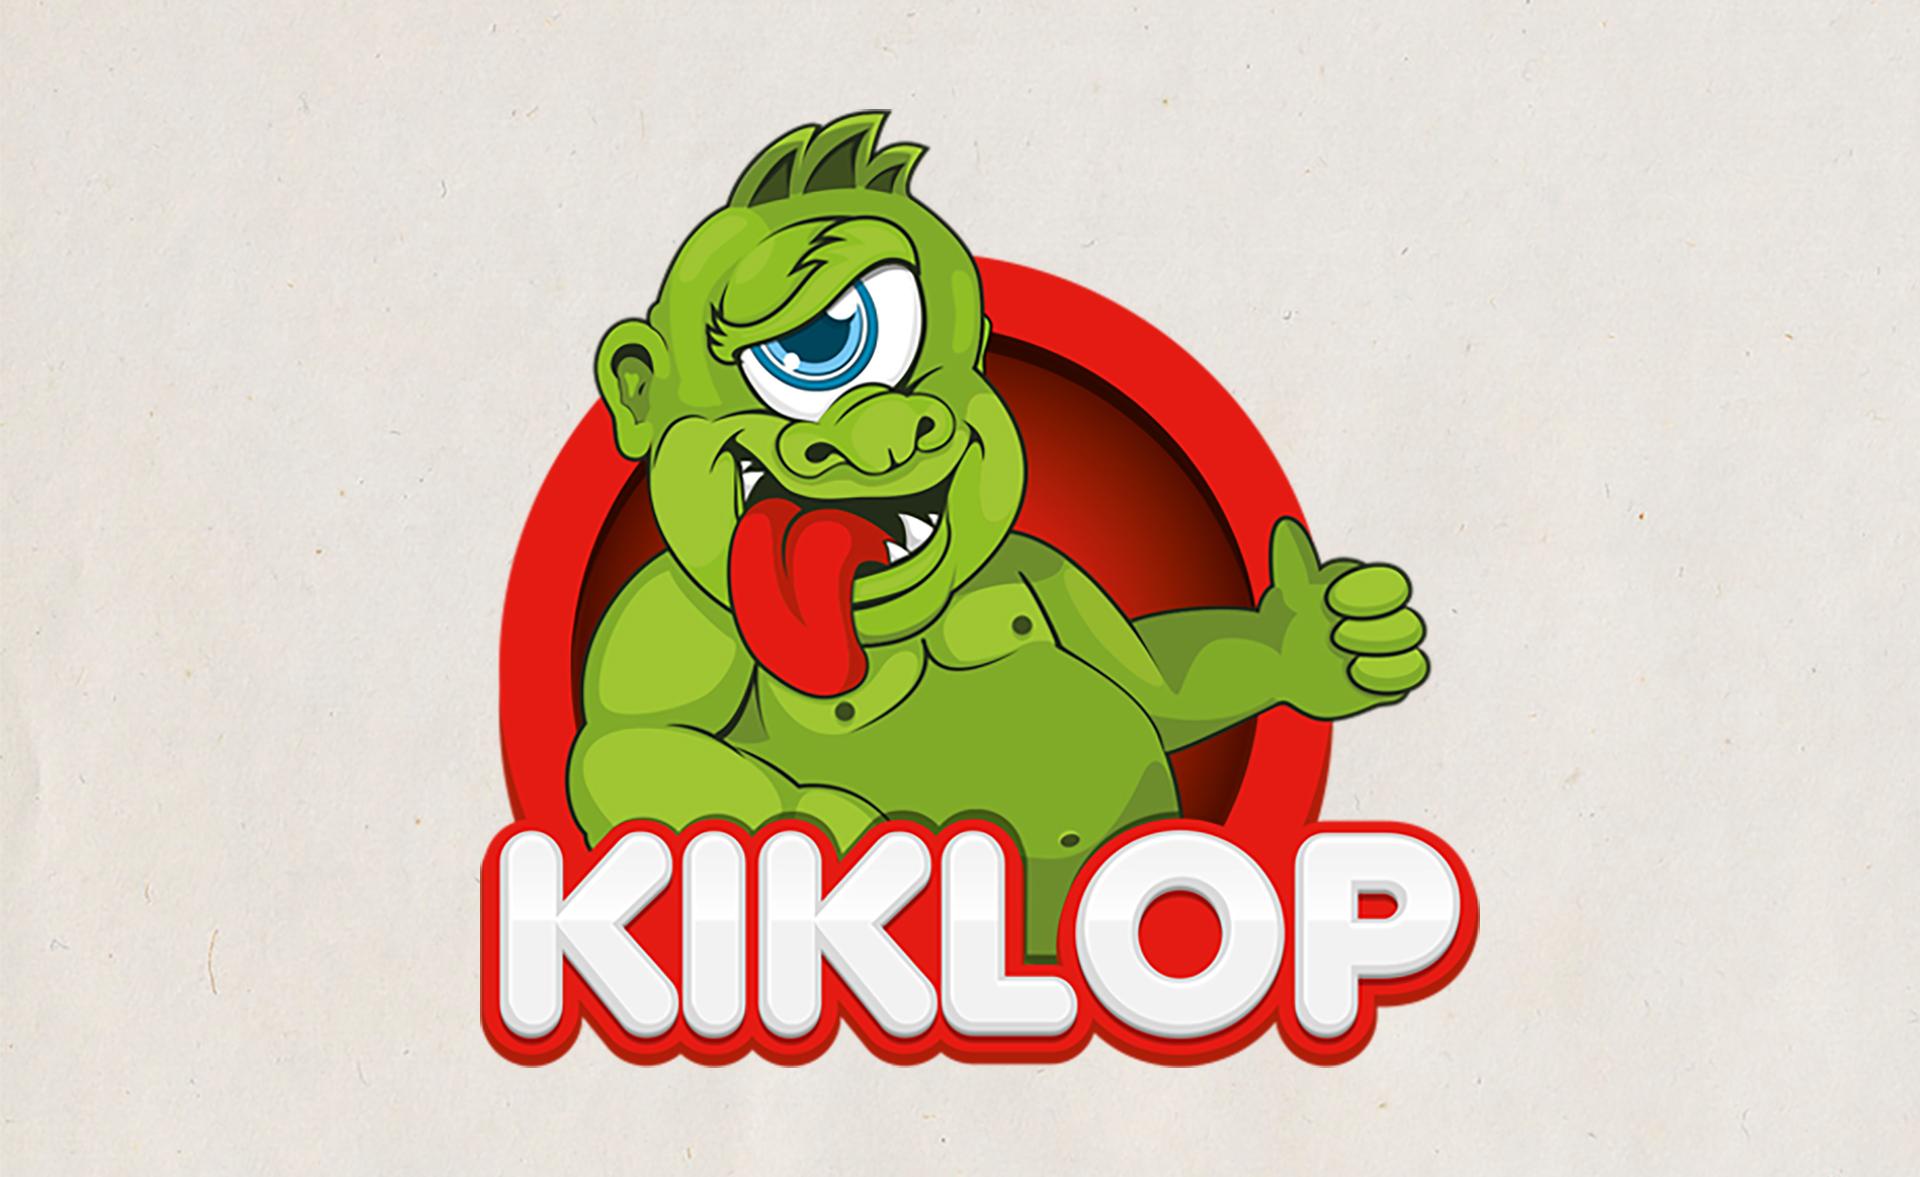 Dizajn maskote za fast food Kiklop